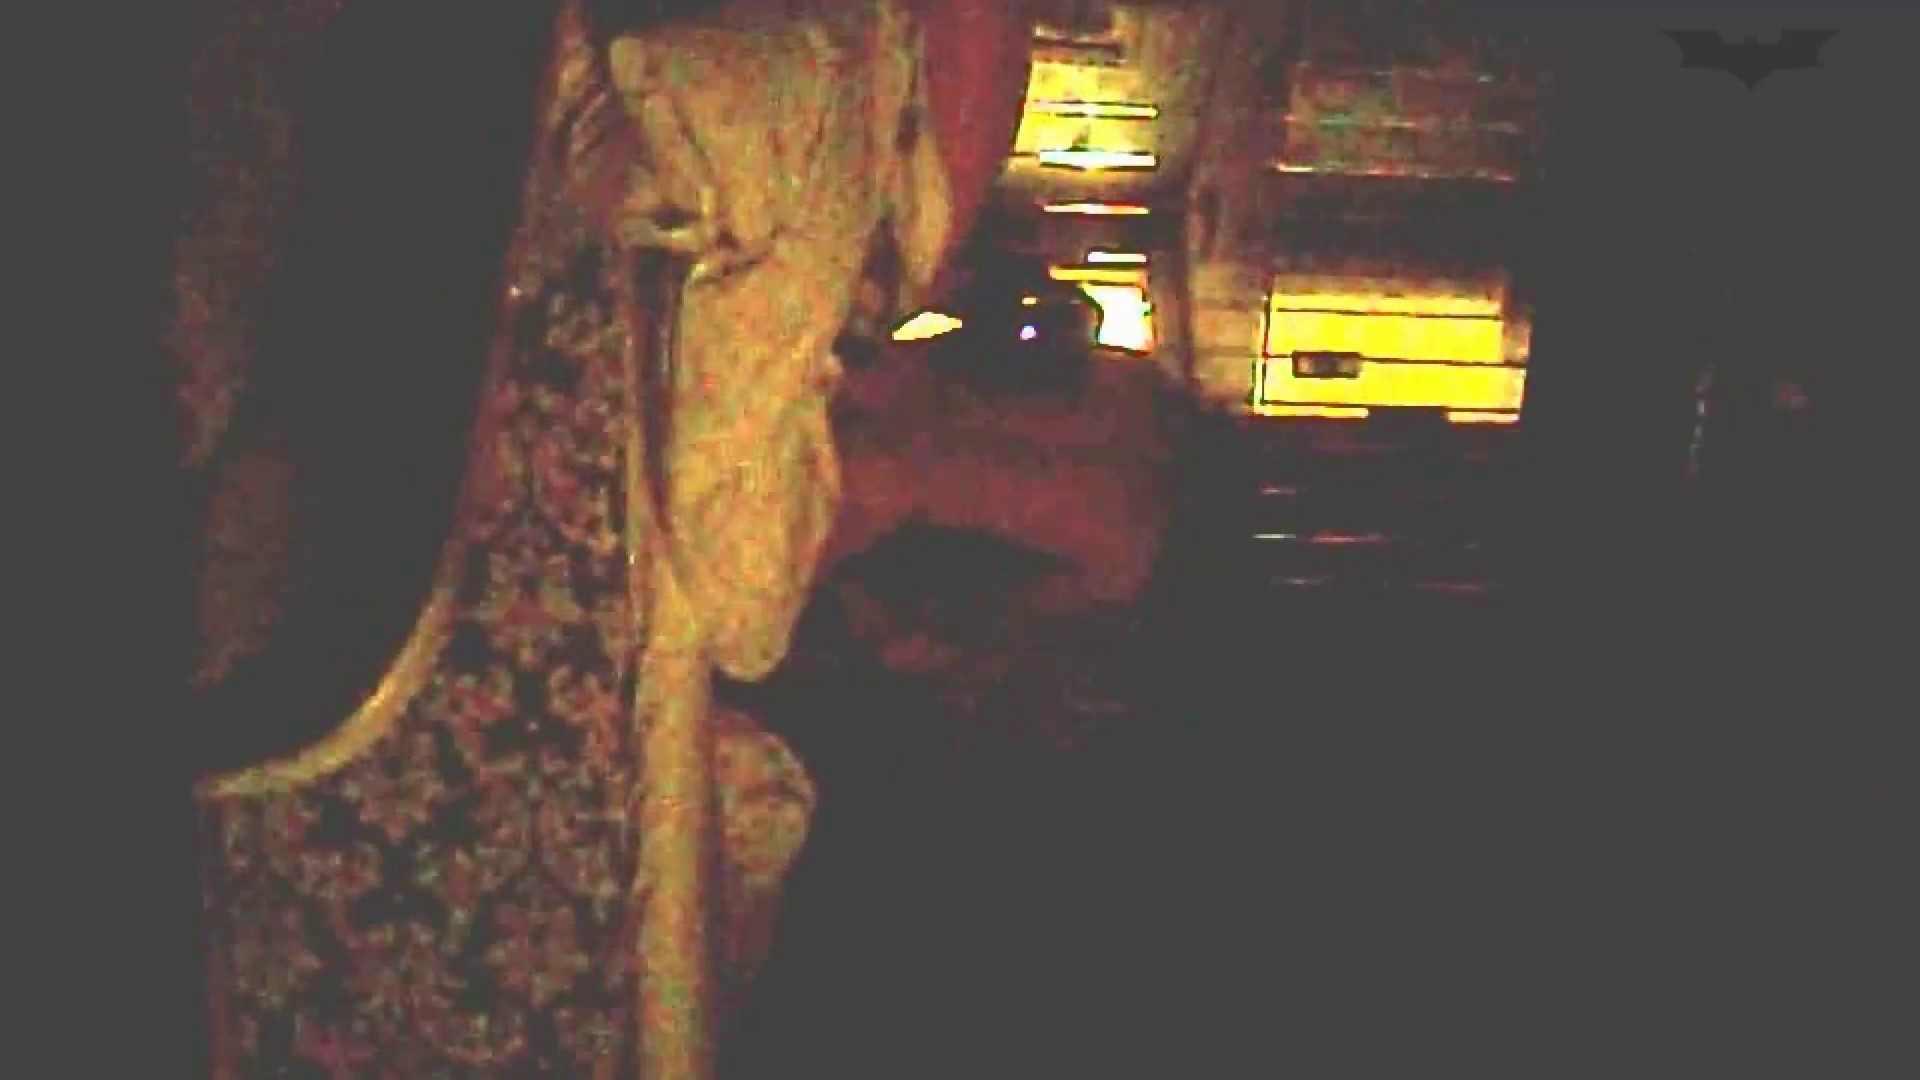 ▲2017_13位▲ 学園アイドル美人女子大生❷(下巻)5人詰合せVol.50 OLの実態 盗撮ワレメ無修正動画無料 99pic 14